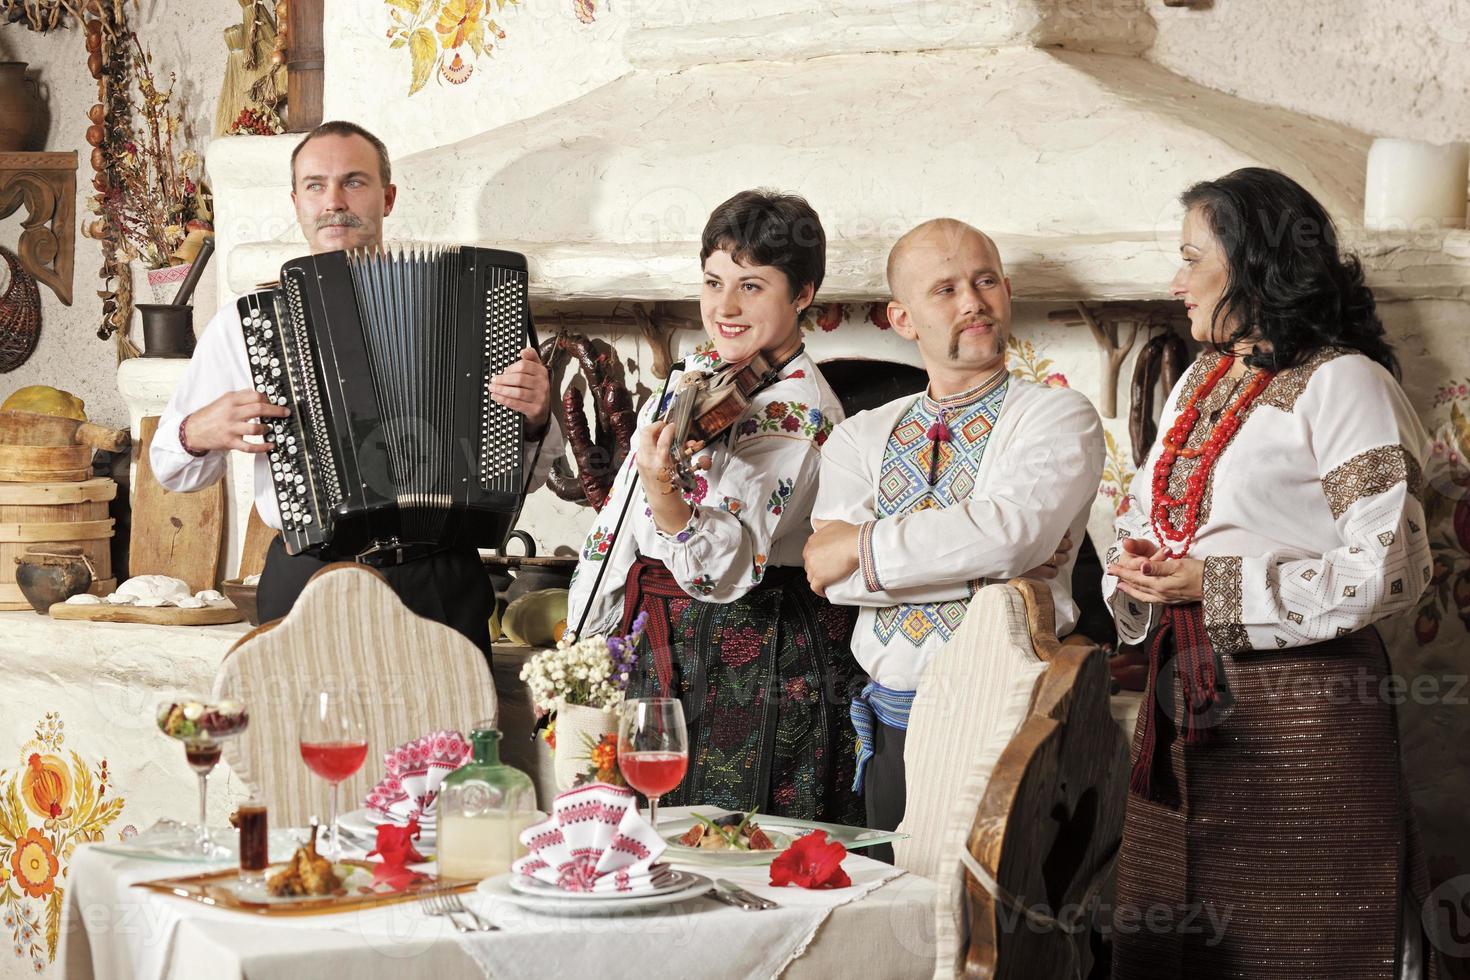 concert de groupe de musique ethnique ukrainienne photo